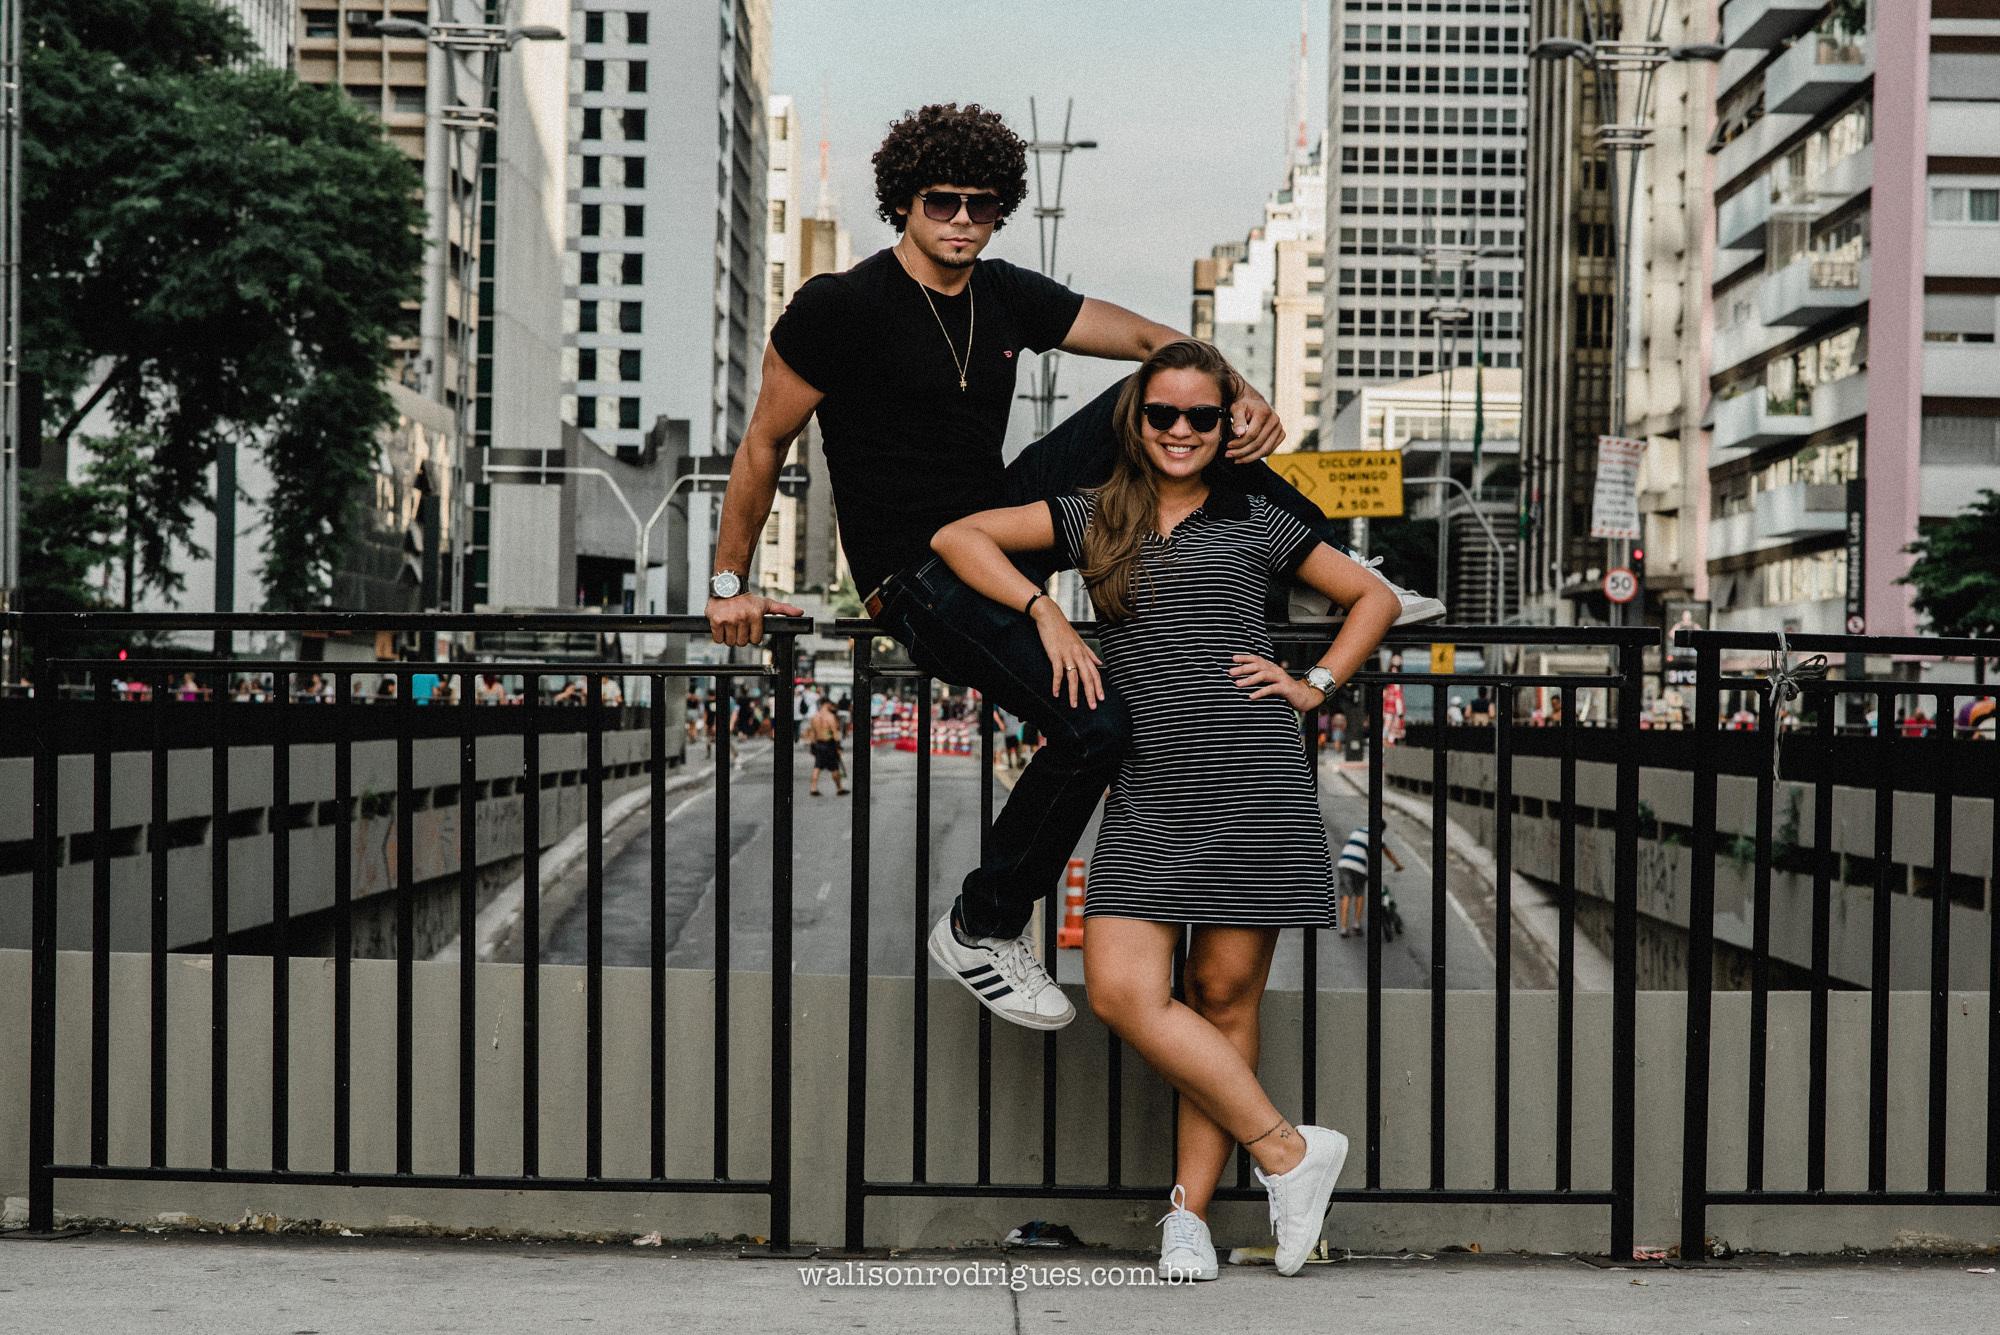 Contate Walison Rodrigues - Fotografo de Casamento e celebridades em  Fortaleza -CE